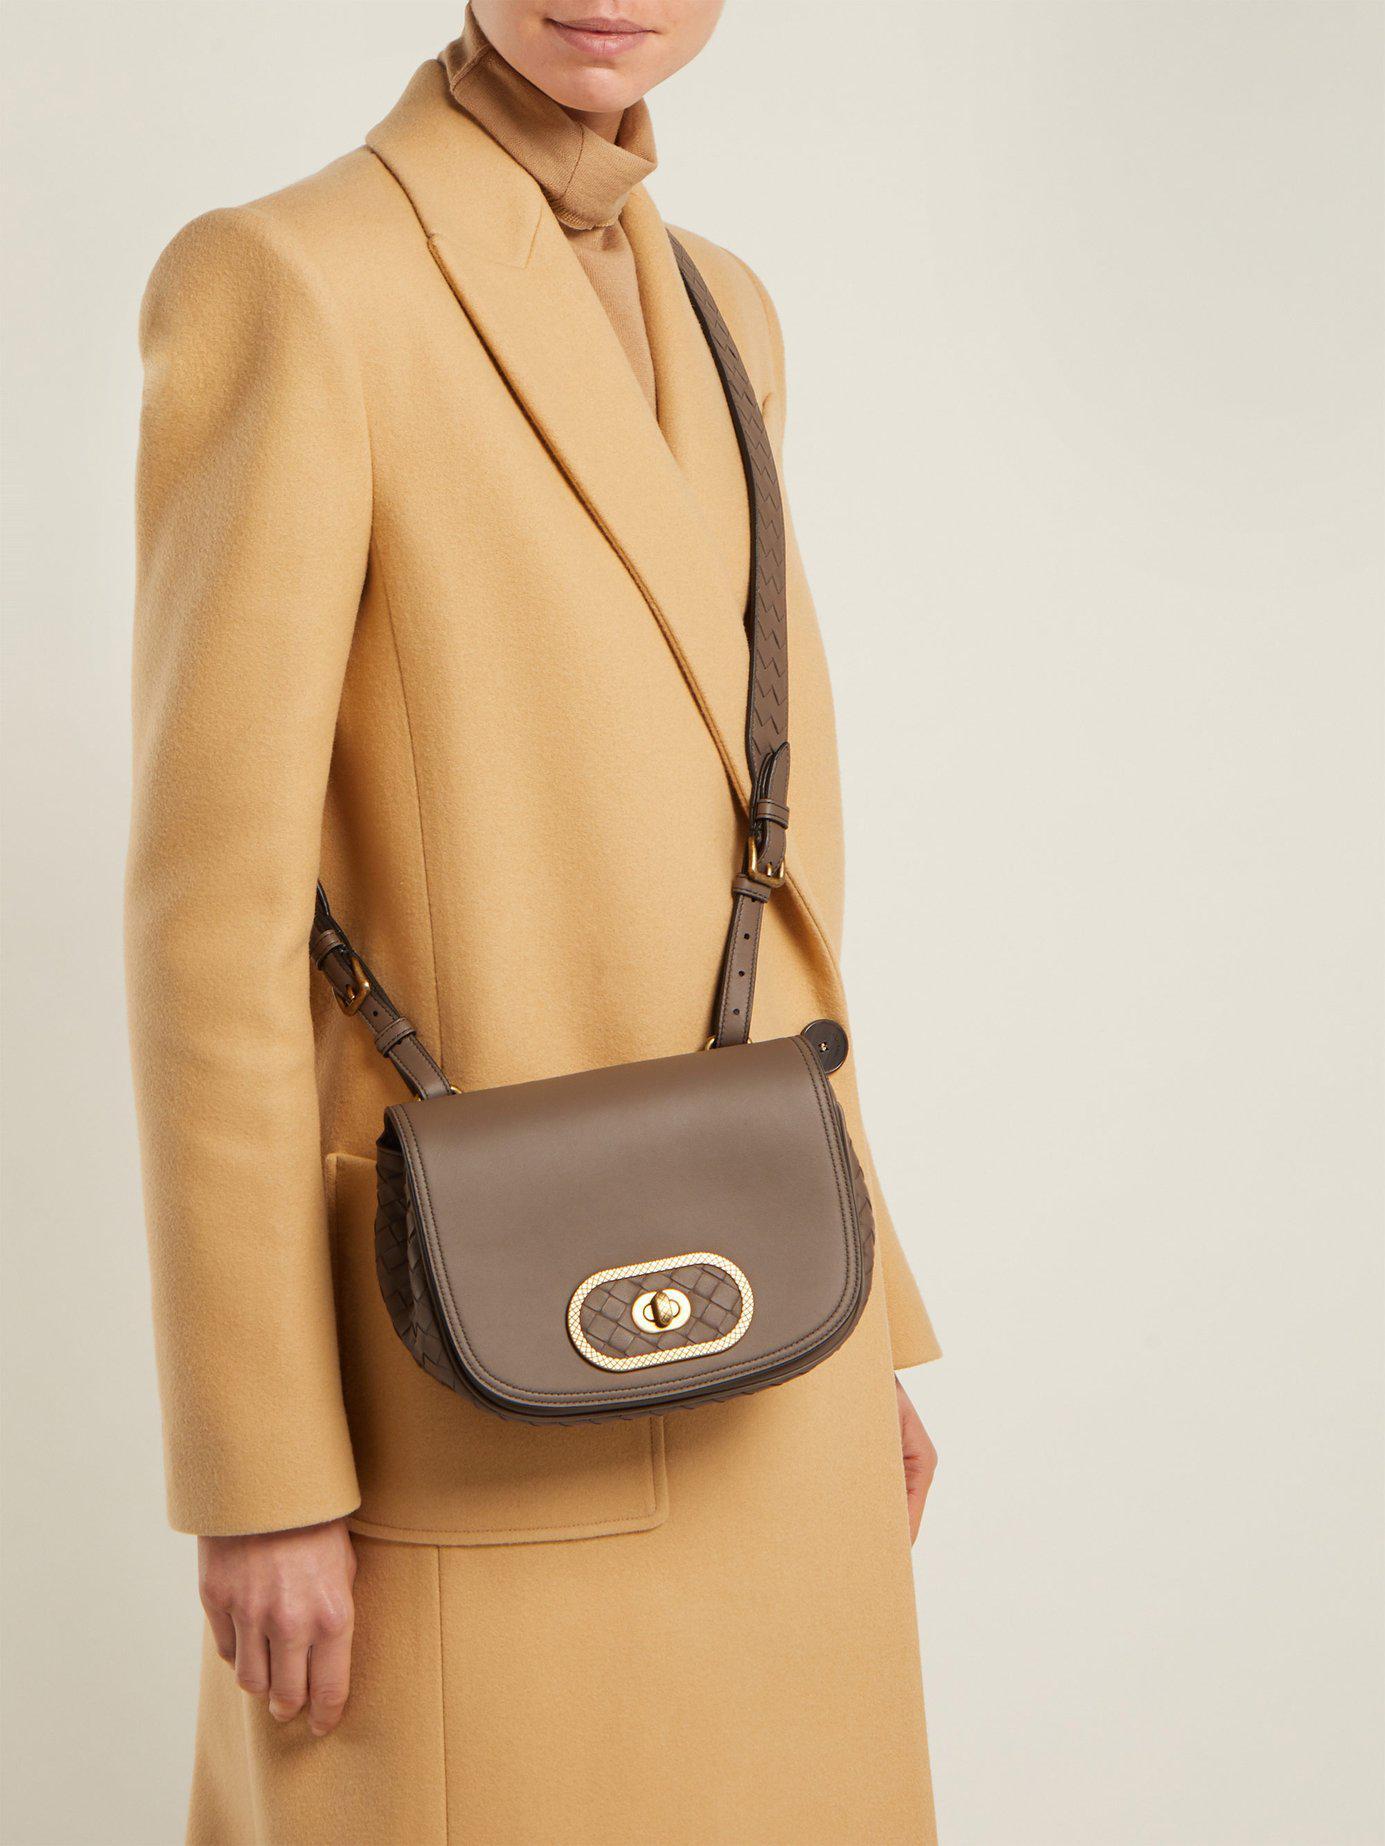 2194e6759821 Lyst - Bottega Veneta Bv Luna Leather Cross Body Bag in Gray